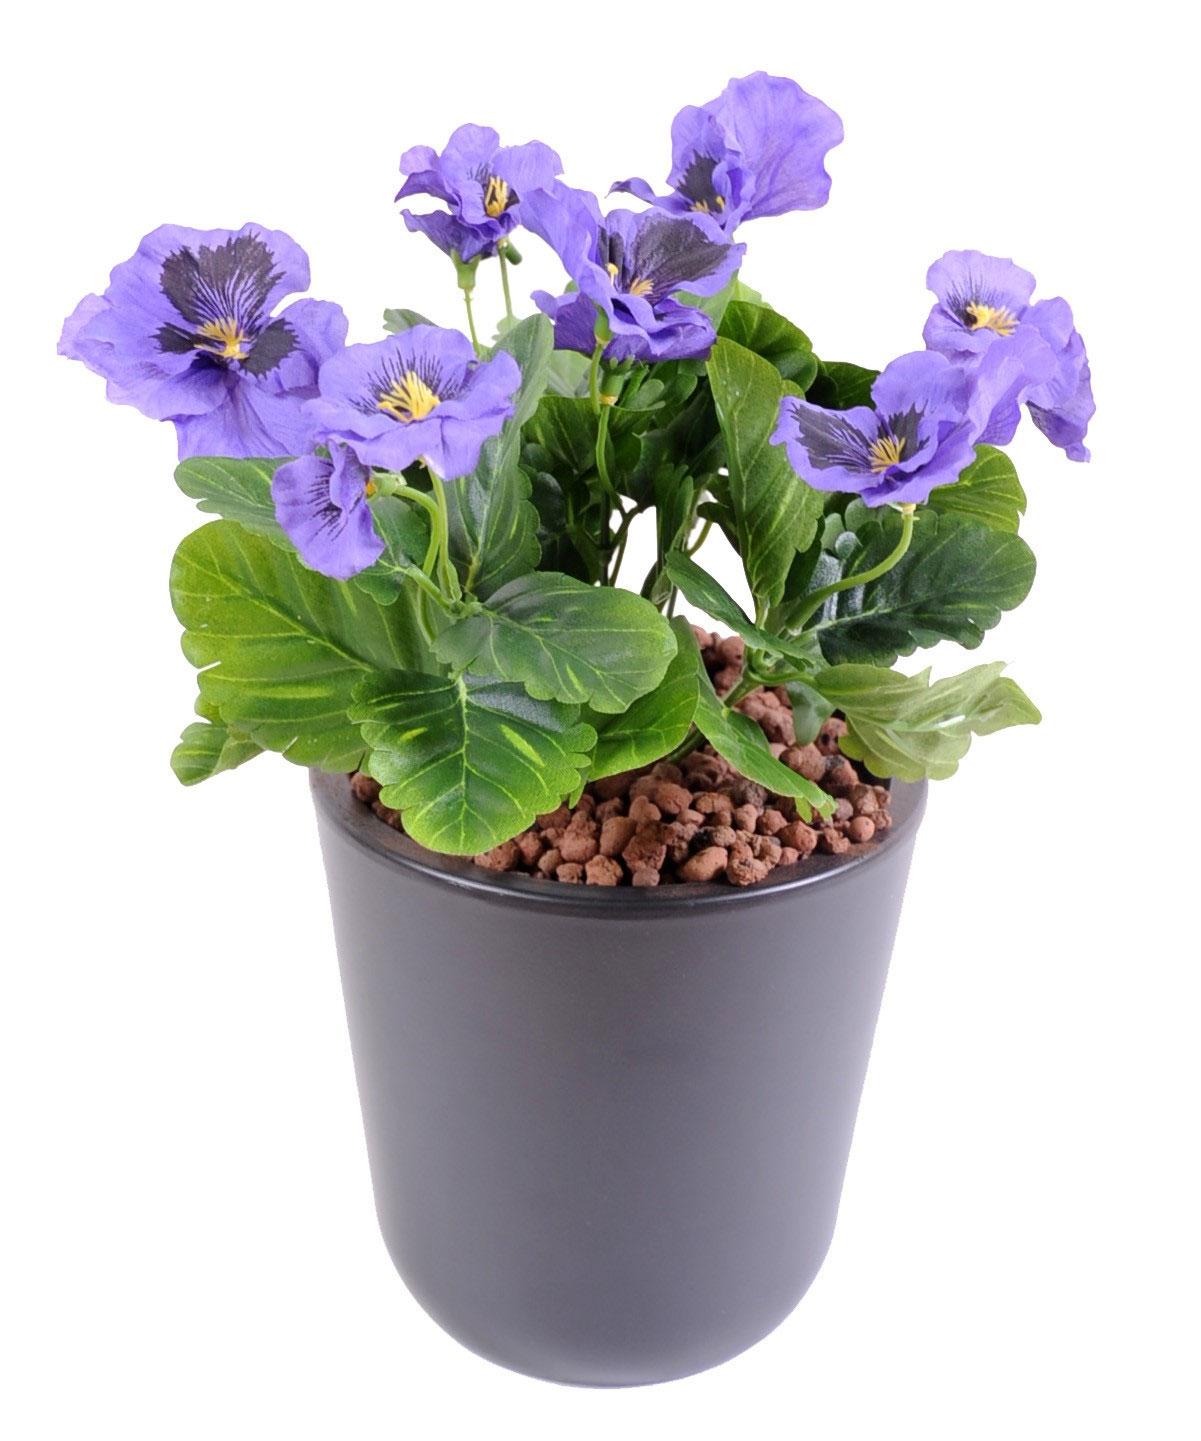 plante-artificielle-fleurie-pensee-violette-3